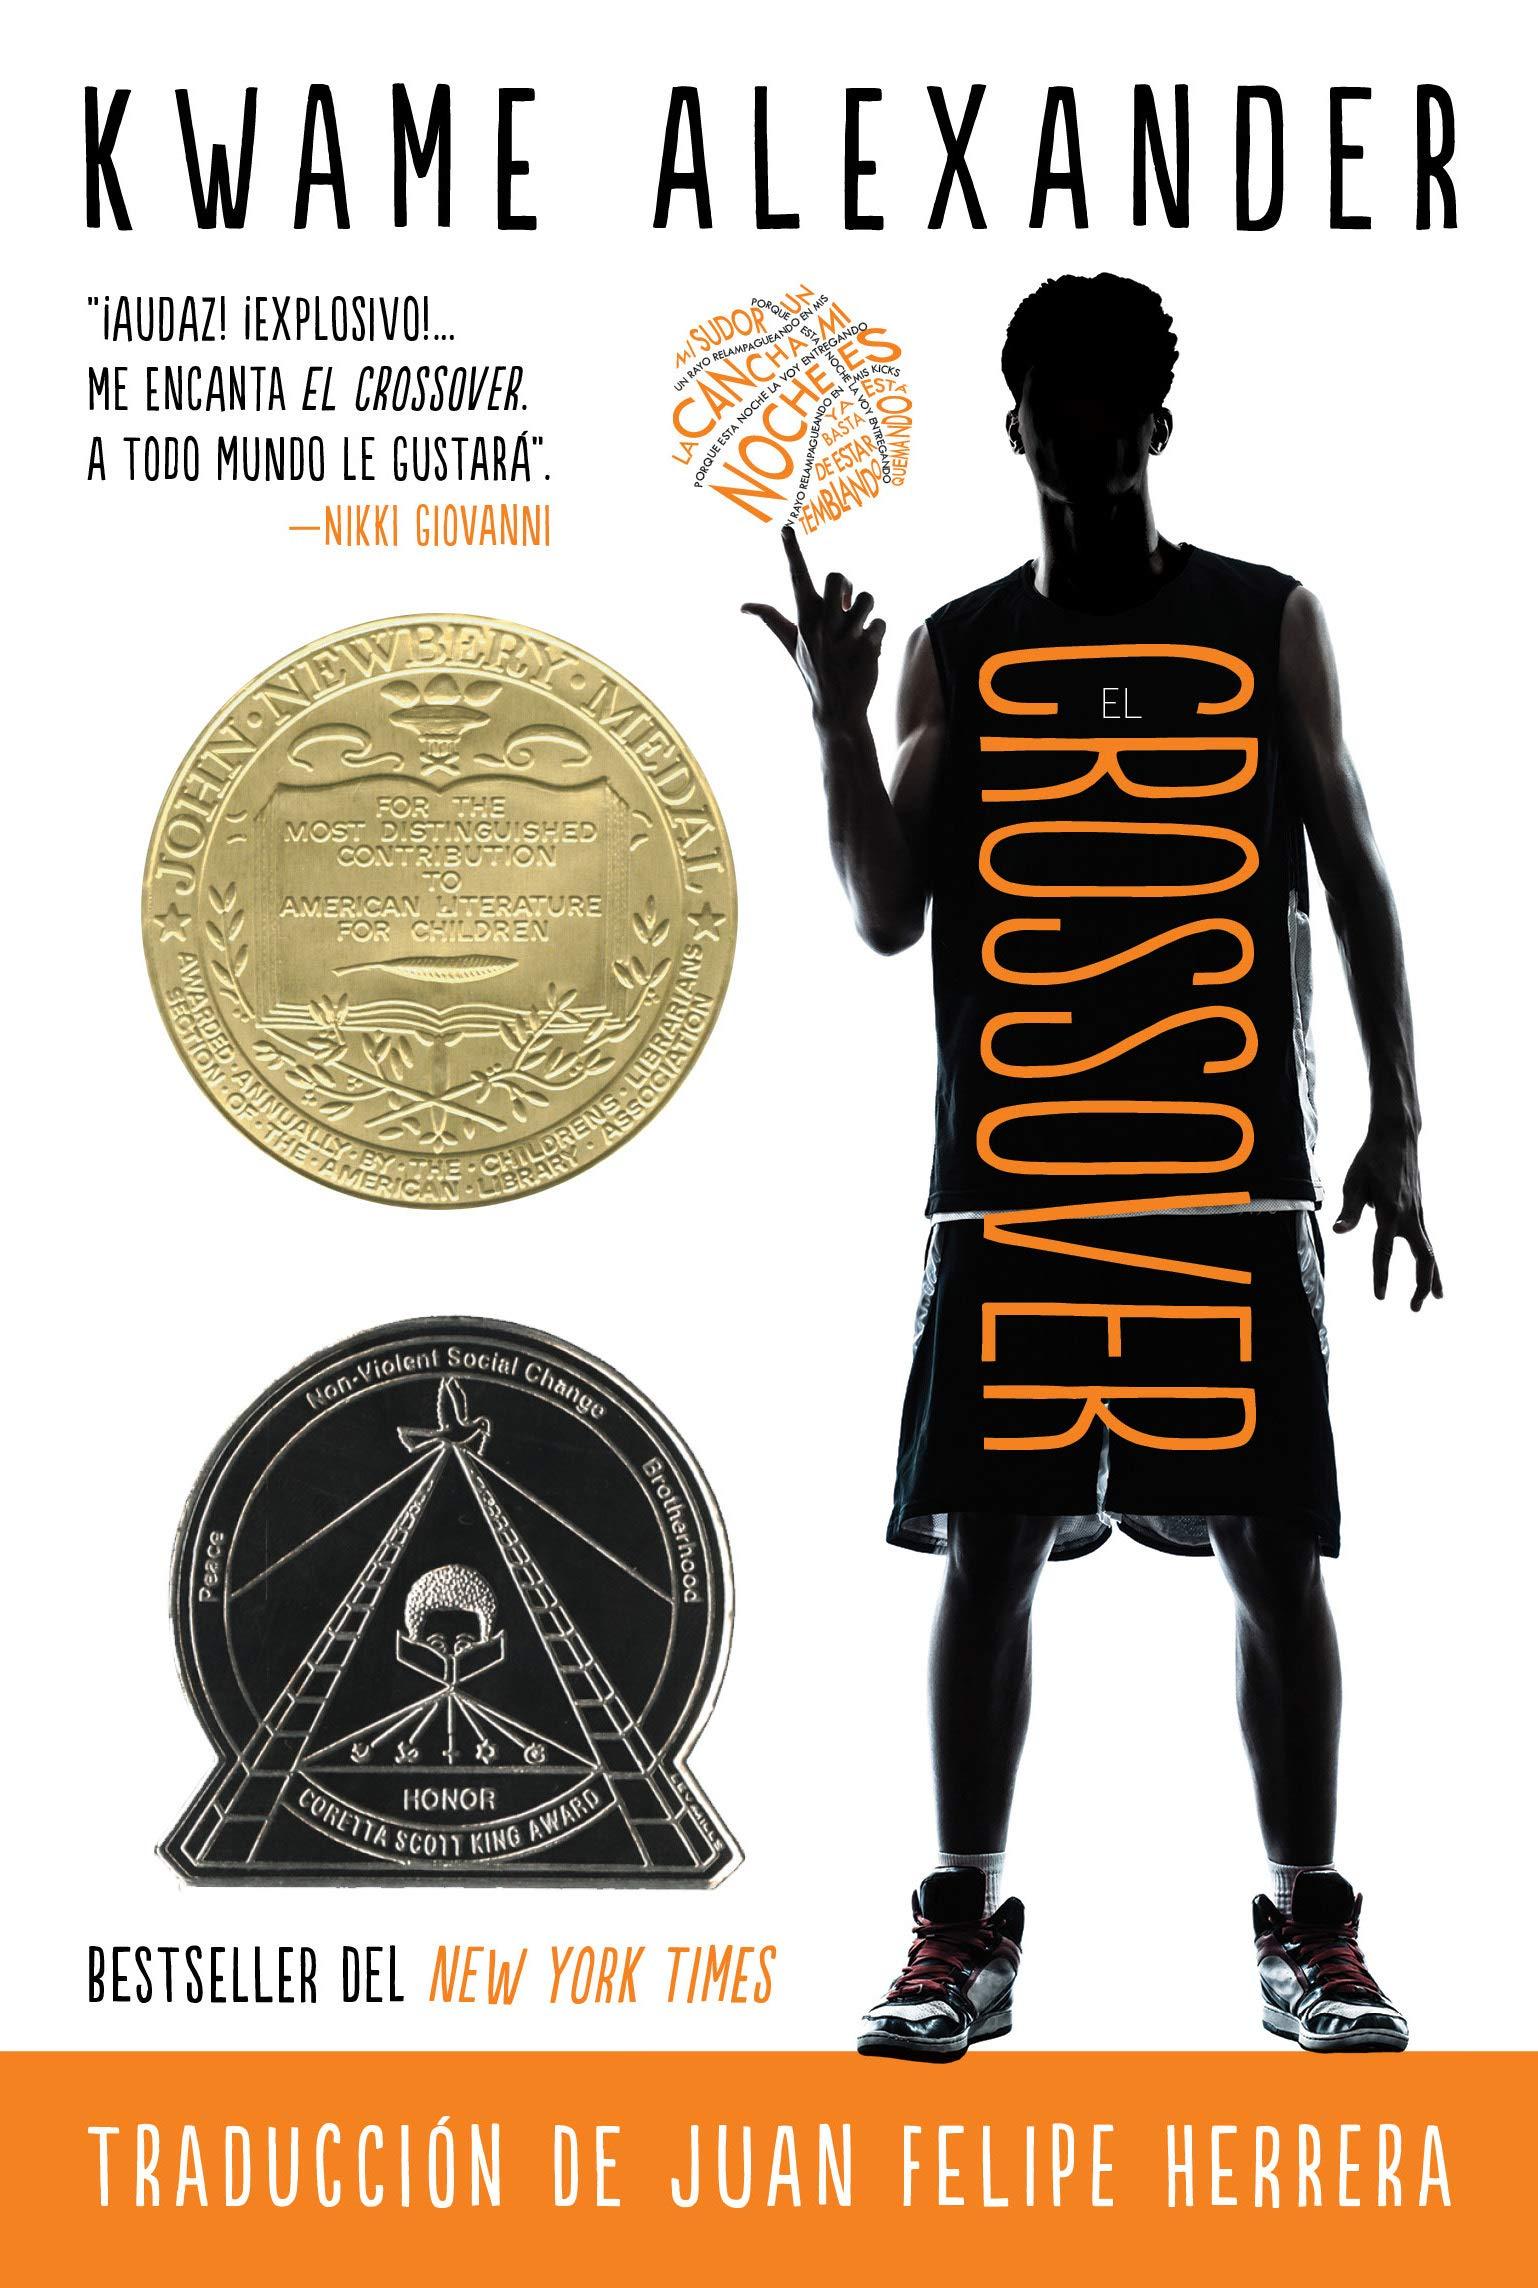 El crossover (Crossover Spanish Edition): Amazon.es: Alexander ...